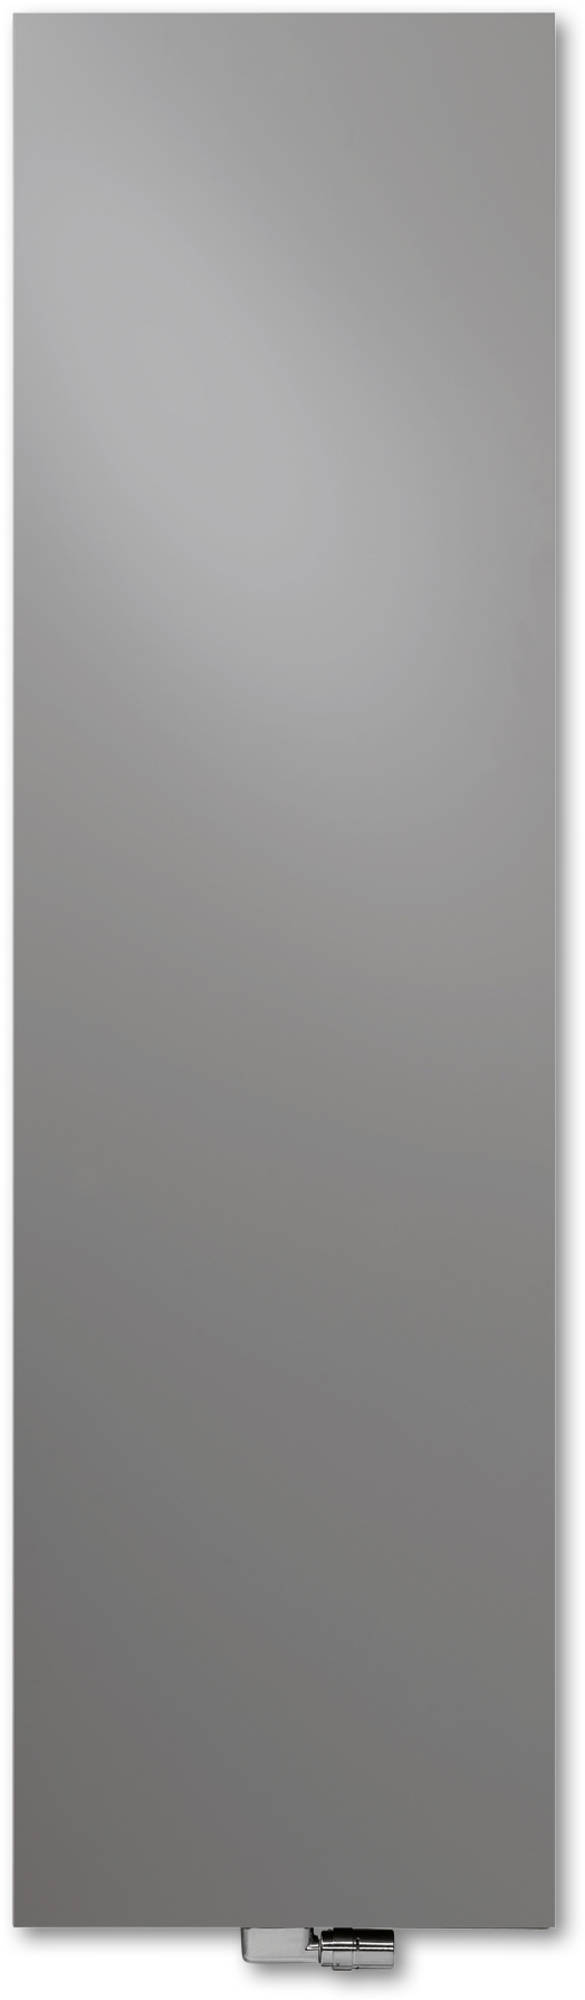 Vasco Niva Verticaal N1L1 Designradiator 182x52 cm Oranje Bruin